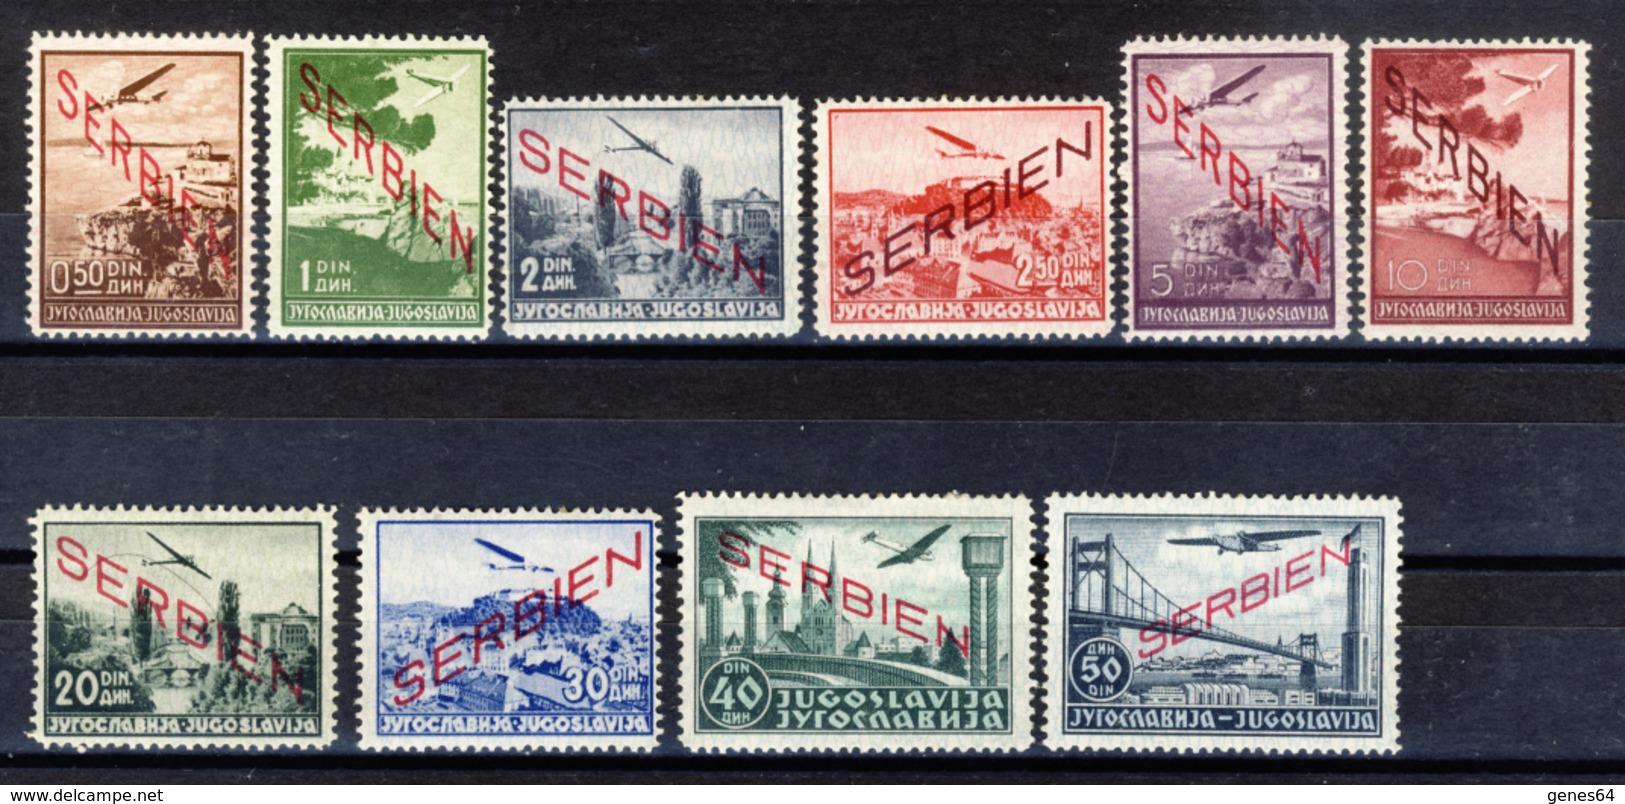 1941 - Occupazione Tedesca - Francobolli Di Posta Aerea Di Jugoslavia Soprastampati SERBIEN - Nuovi MLH* - Serbia